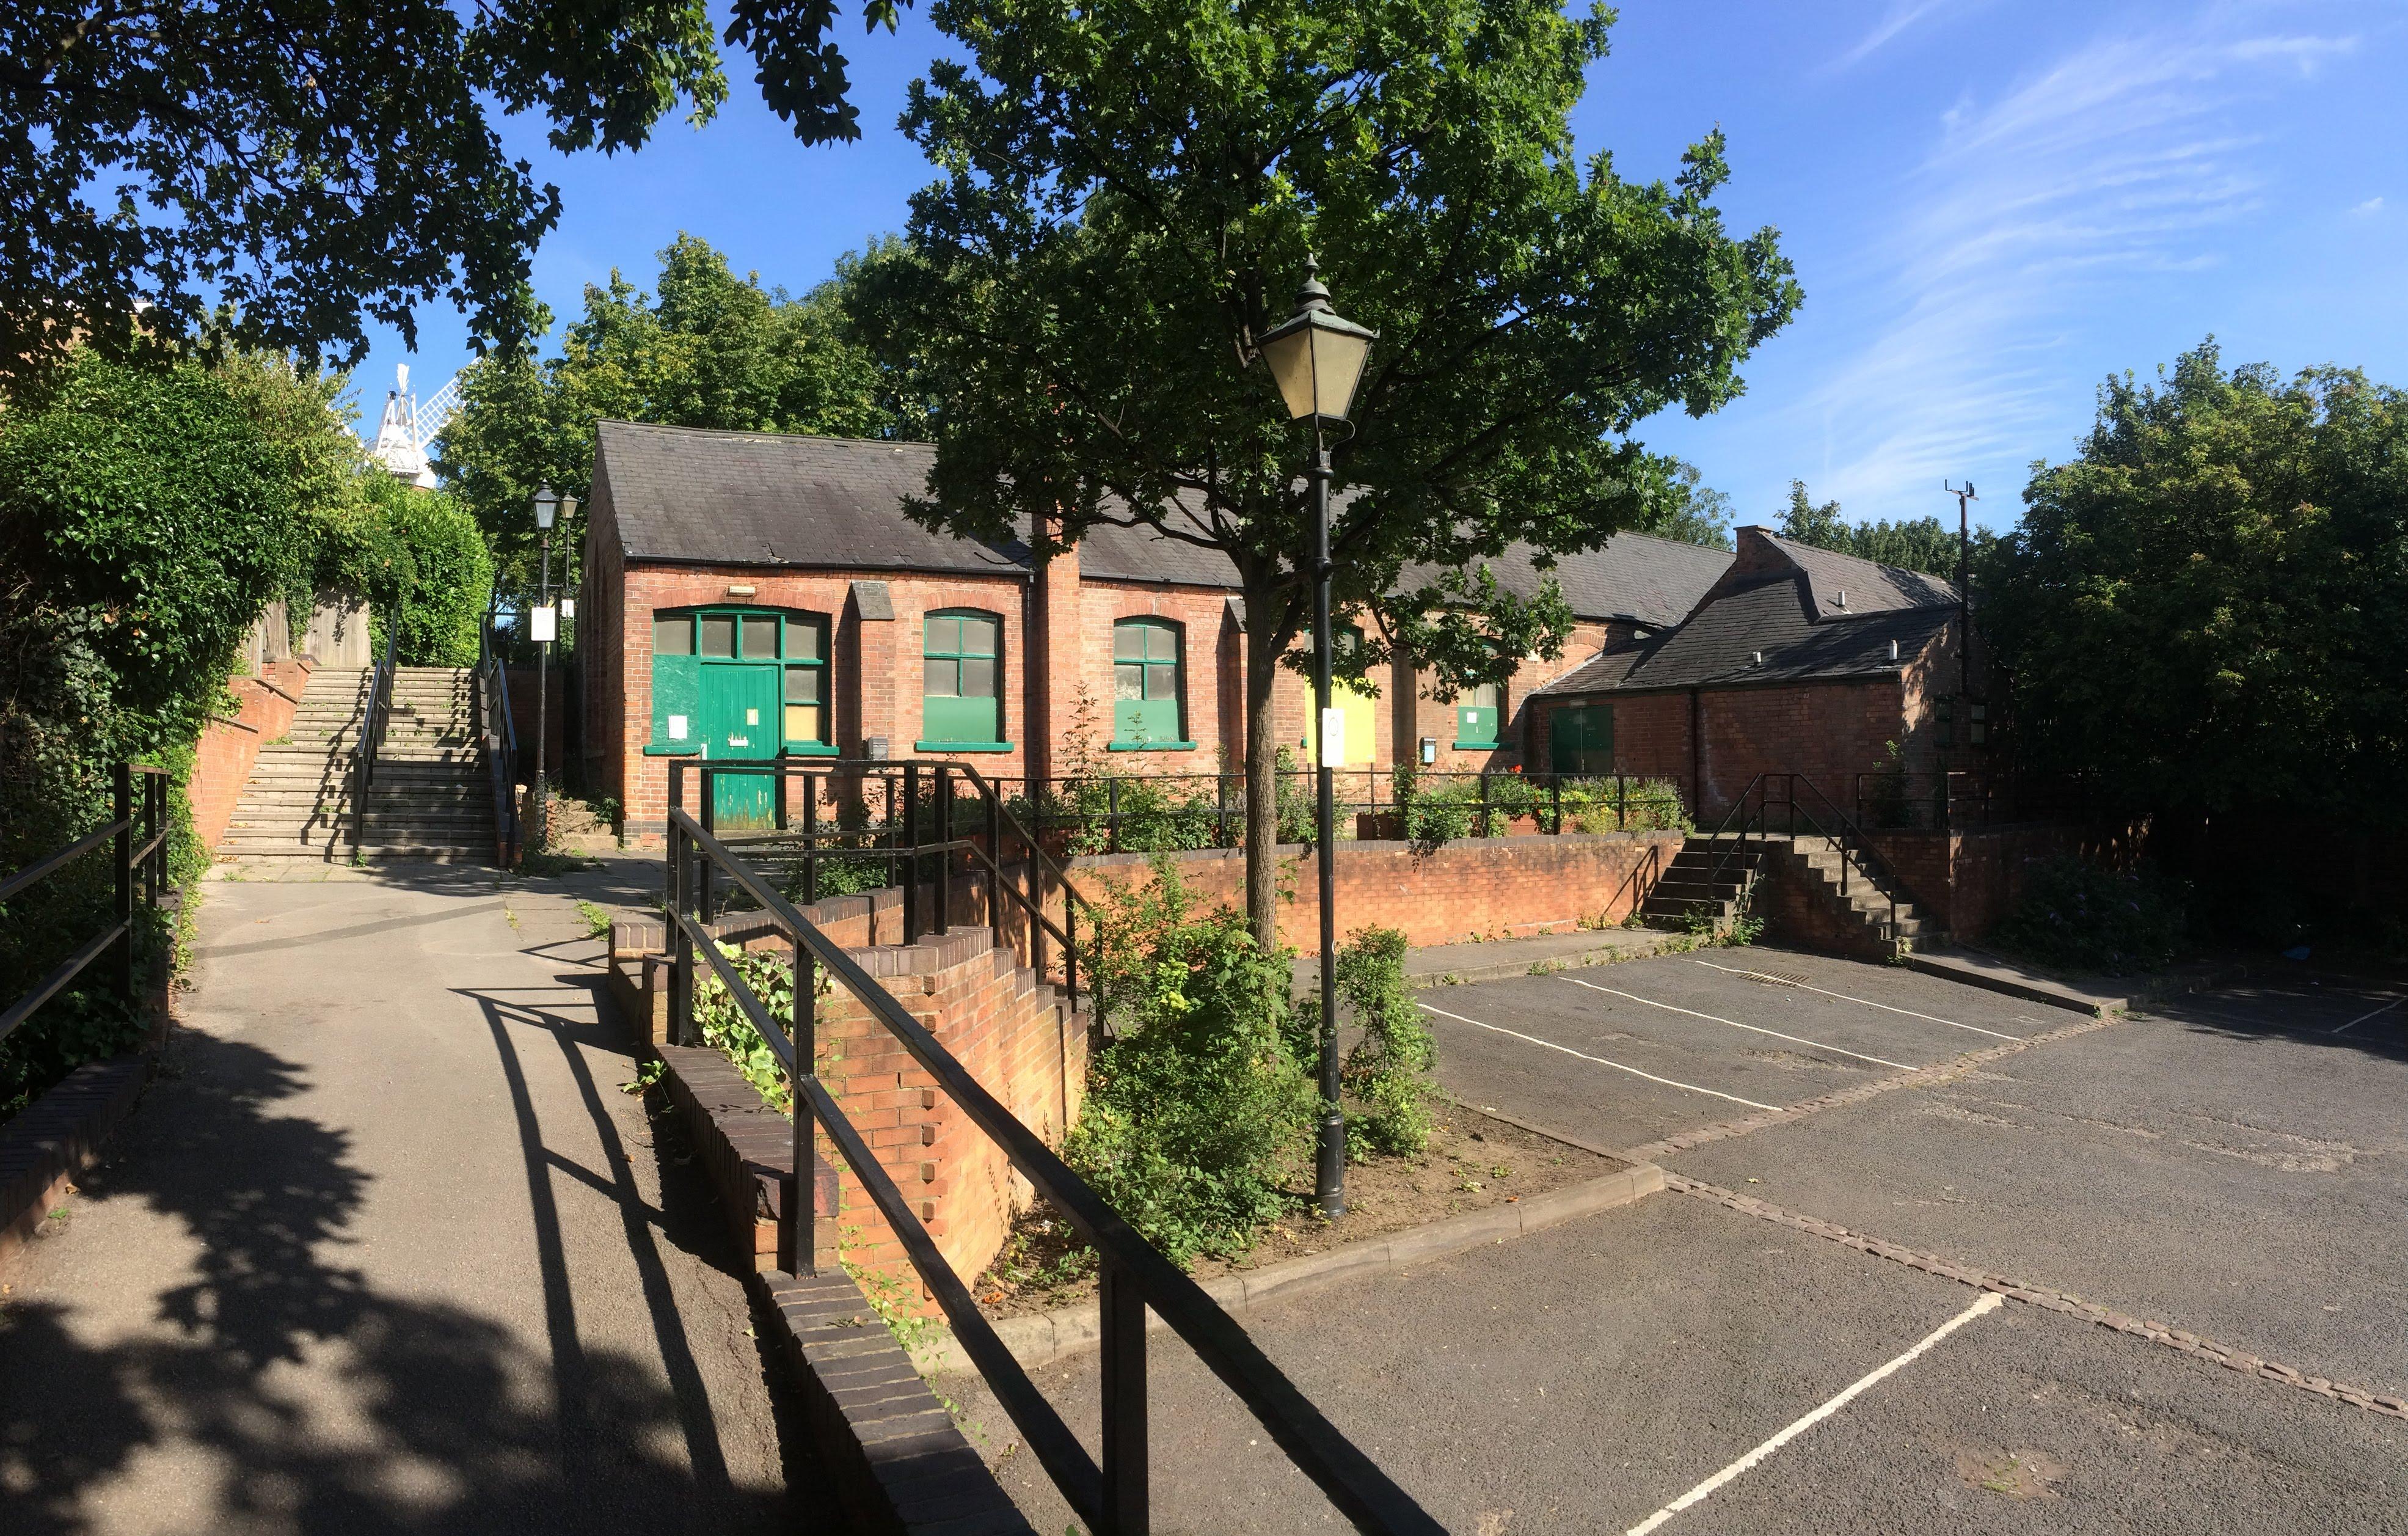 http://sneintonneighbourhoodforum.posthaven.com/schools-out-dot-dot-dot-forever